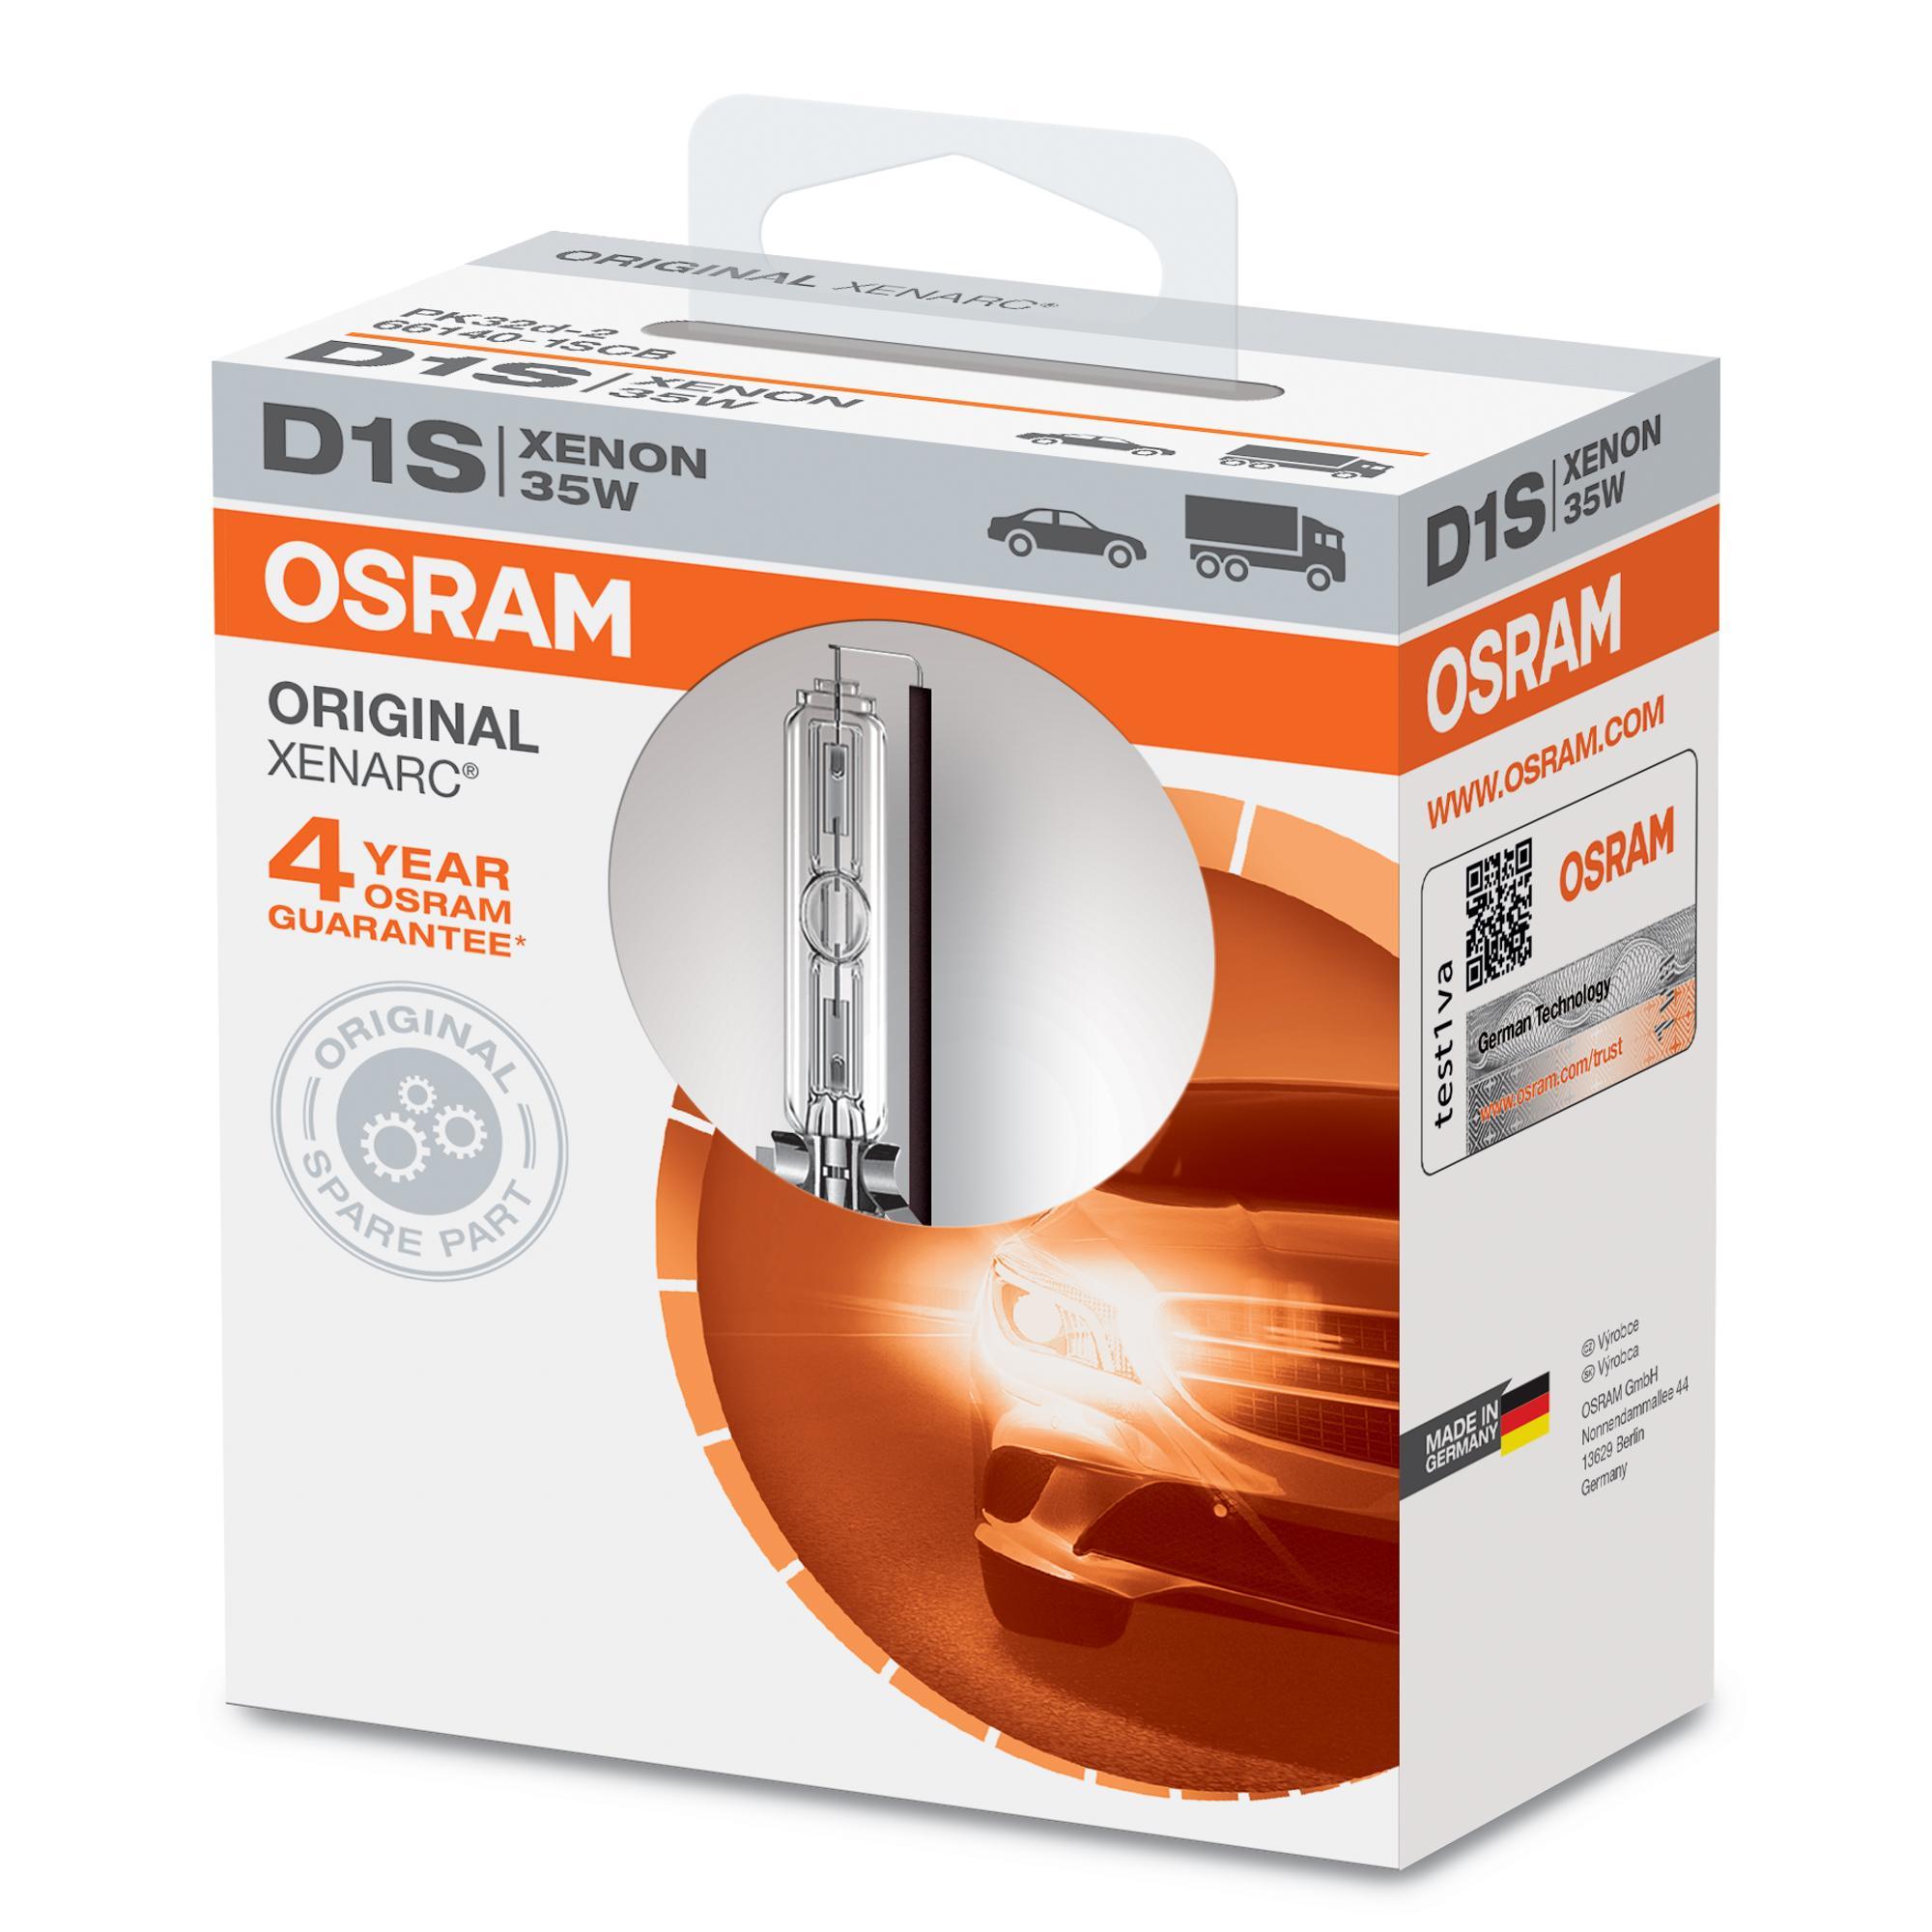 Żiarovka pre diaľkový svetlomet 66140 – nájdite, porovnajte ceny a ušetrite!